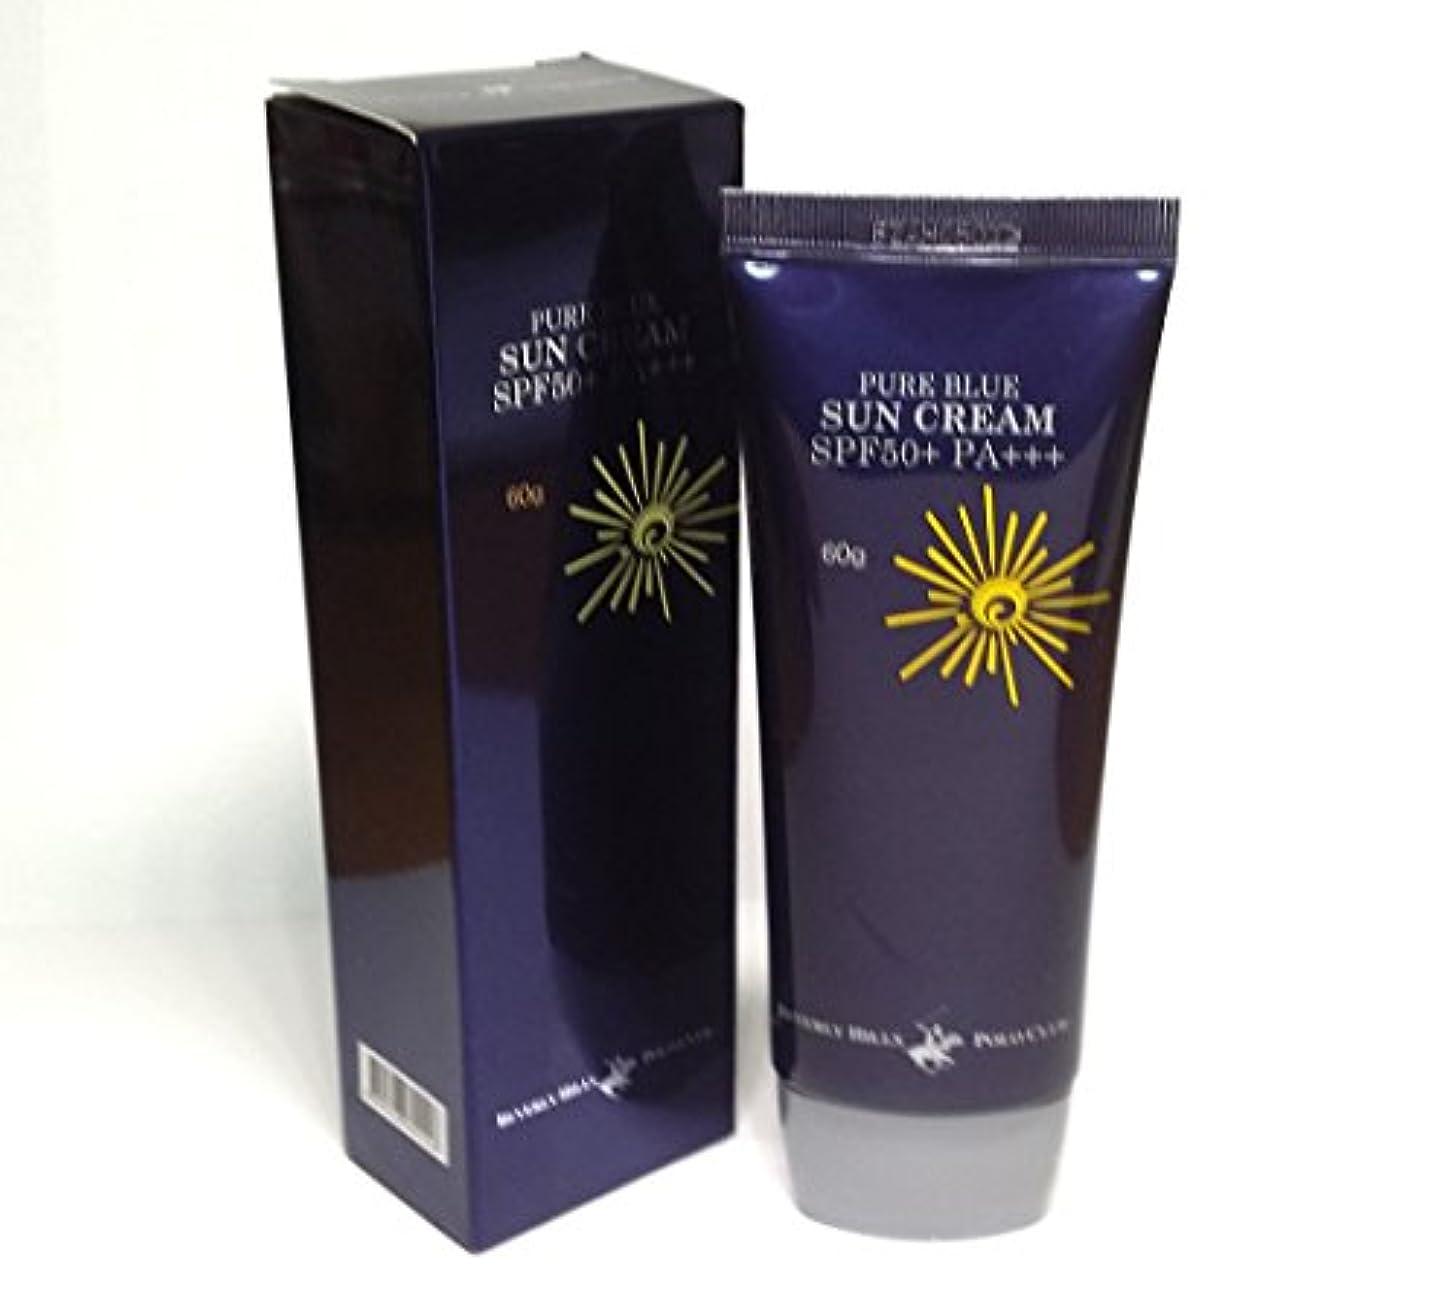 チャーター血色の良いリップ[BEVERLY HILLS POLO CLUB] ピュアブルーサンクリームSPF50 + PA +++ 60g X 1ea / 韓国化粧品 / Pure Blue Sun Cream SPF50+ PA+++ 60g...